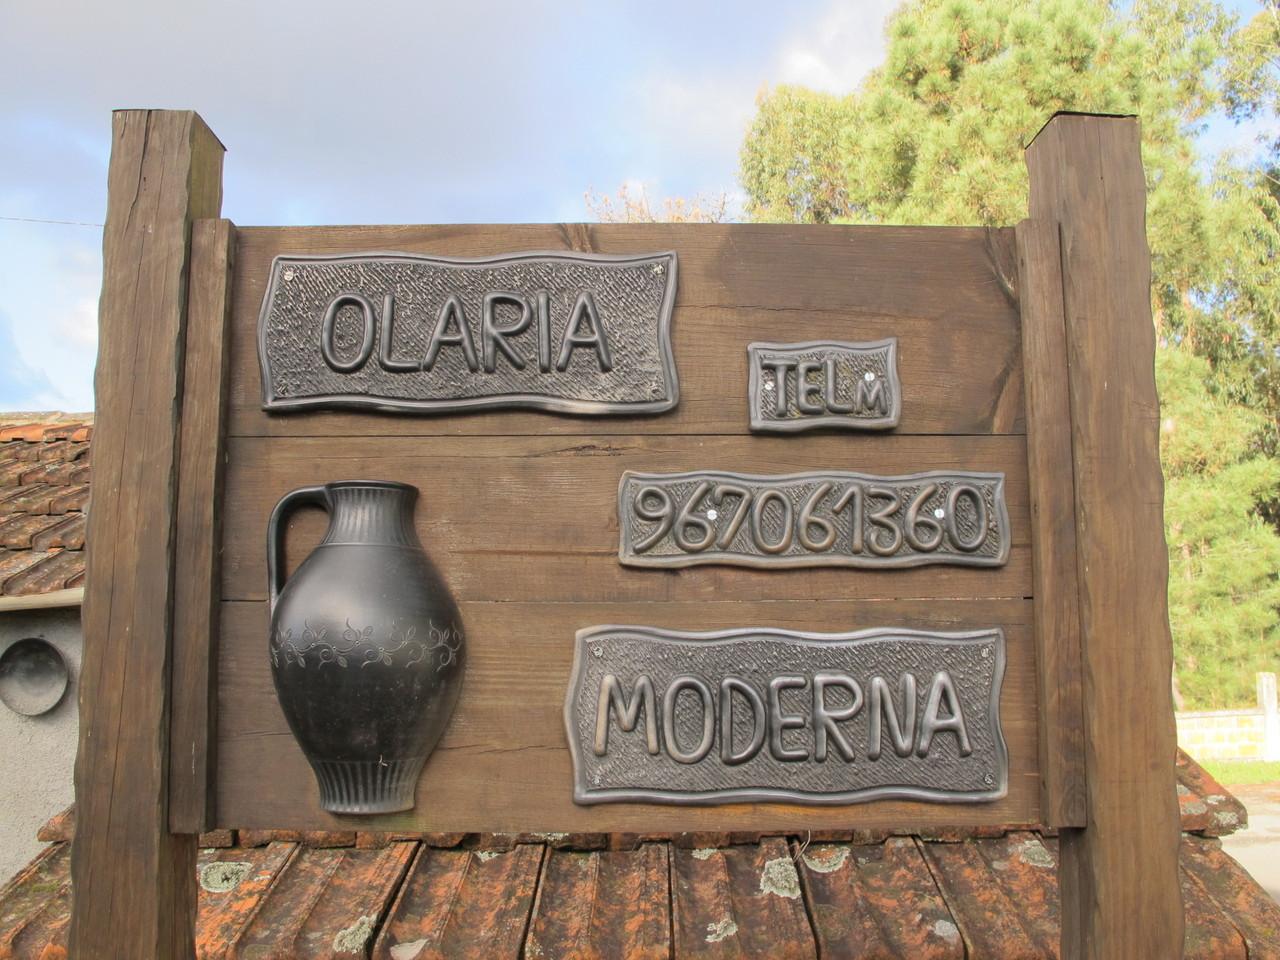 Olaria Moderna